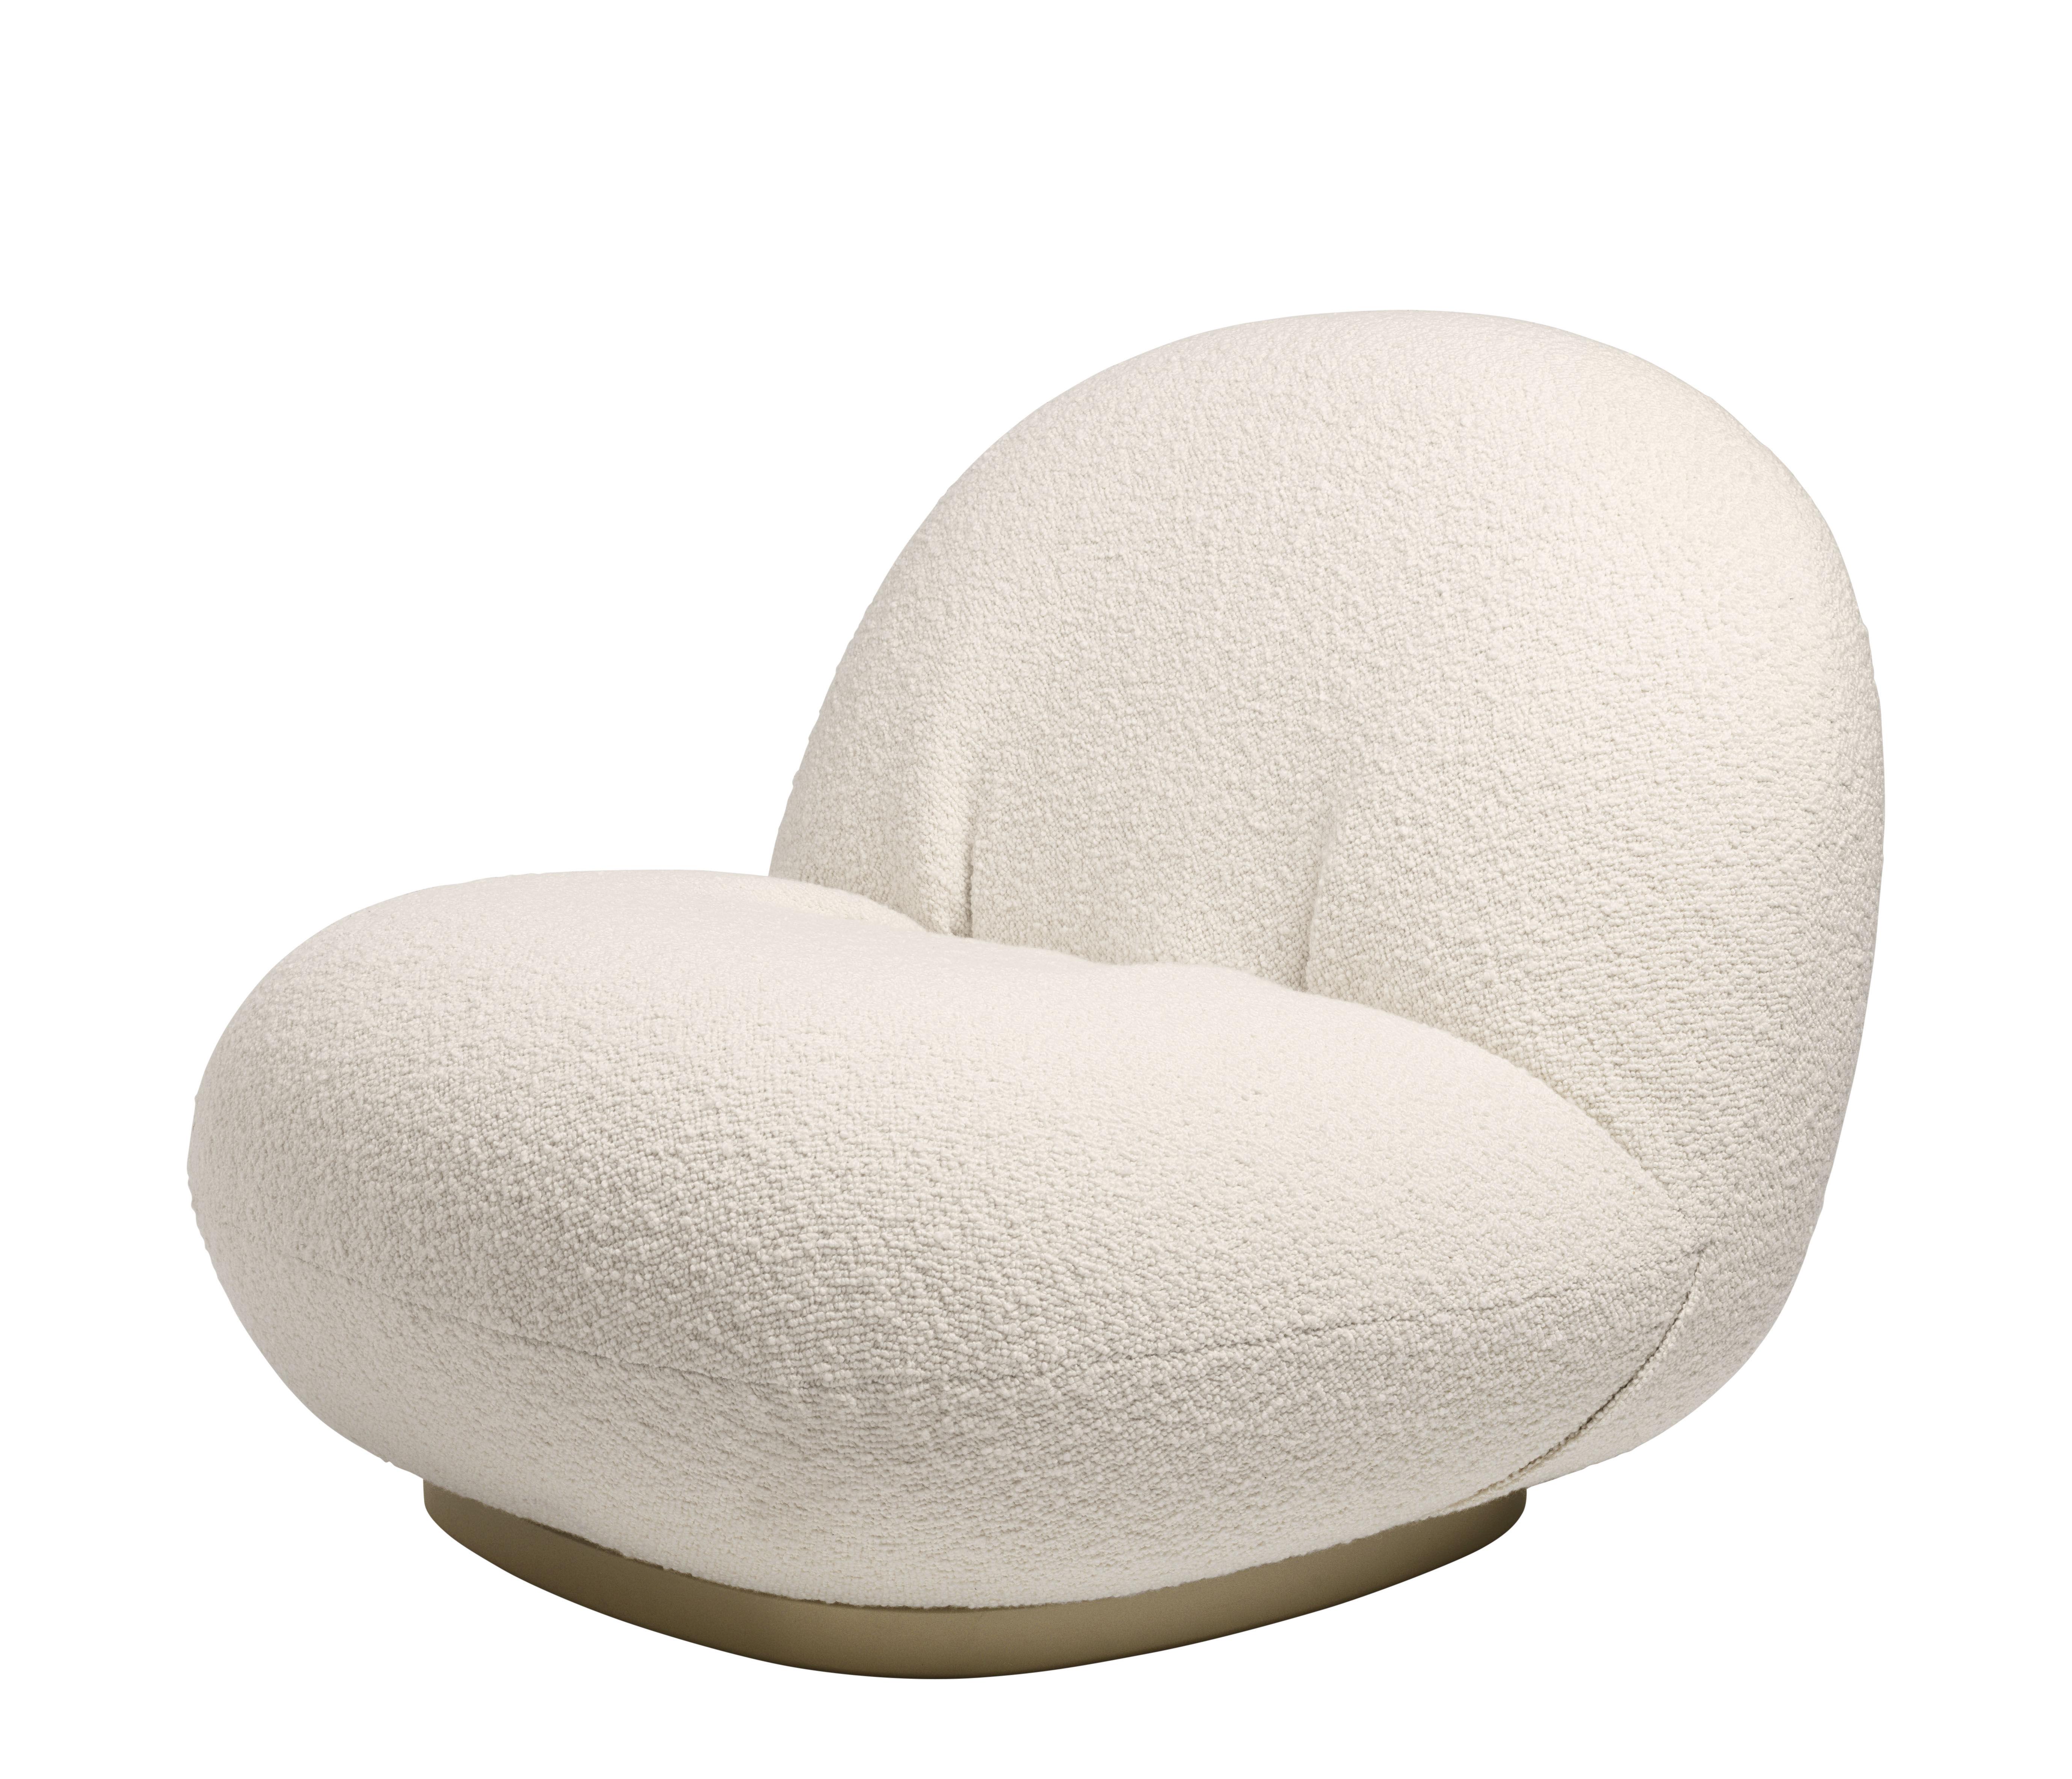 Möbel - Lounge Sessel - Pacha Gepolsterter Sessel / Pierre Paulin - Neuauflage des Originals aus dem Jahr 1975 - Gubi - Weiß / Sockel goldfarben - Furnier, Gewebe, Metall, Schaumstoff